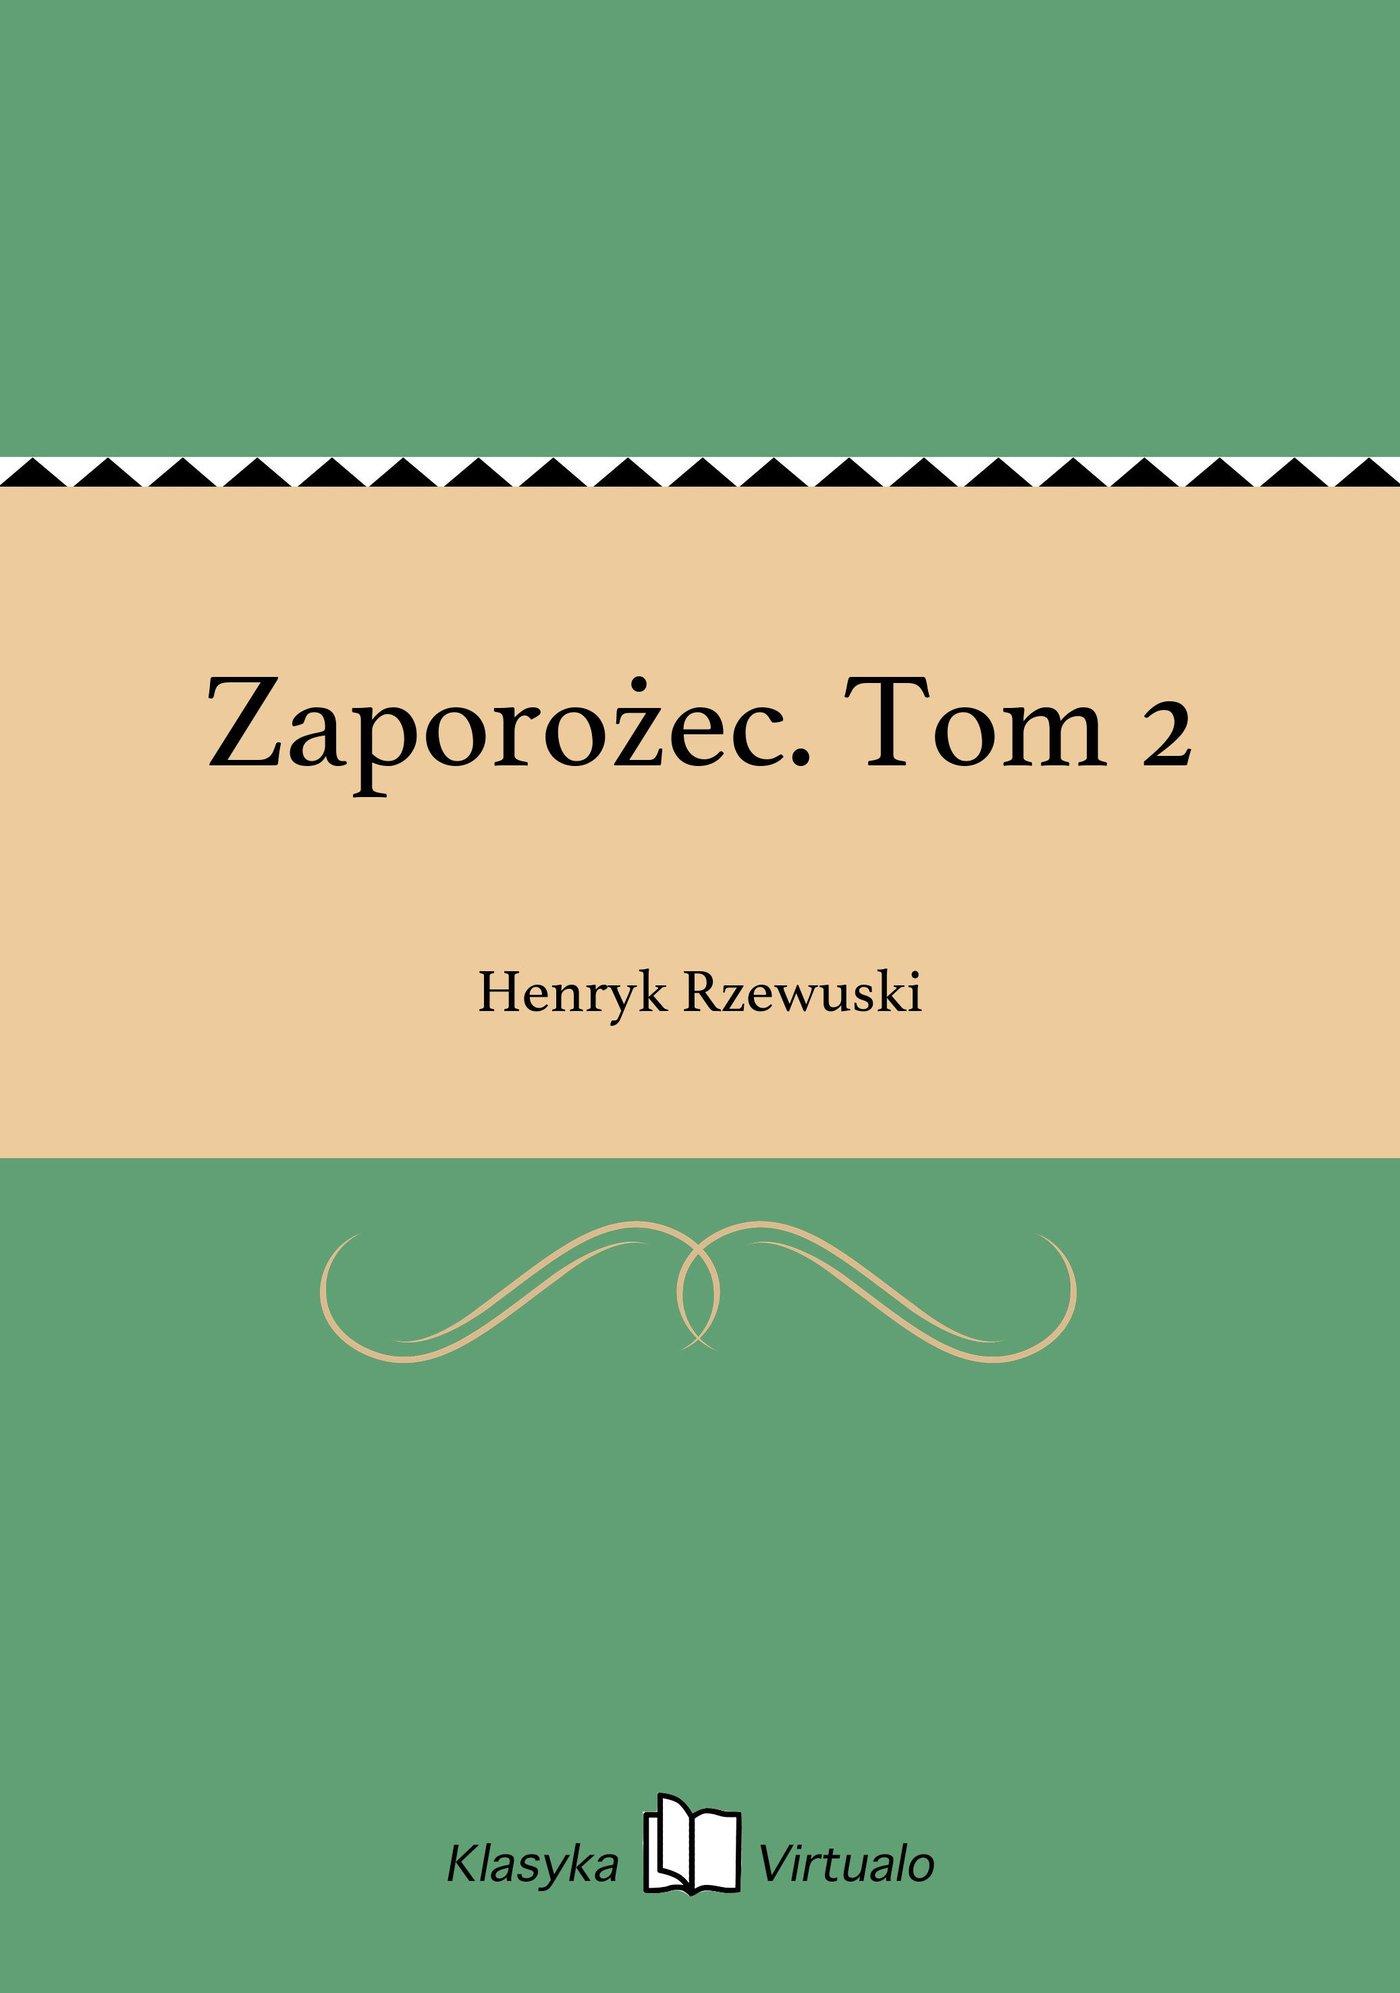 Zaporożec. Tom 2 - Ebook (Książka EPUB) do pobrania w formacie EPUB